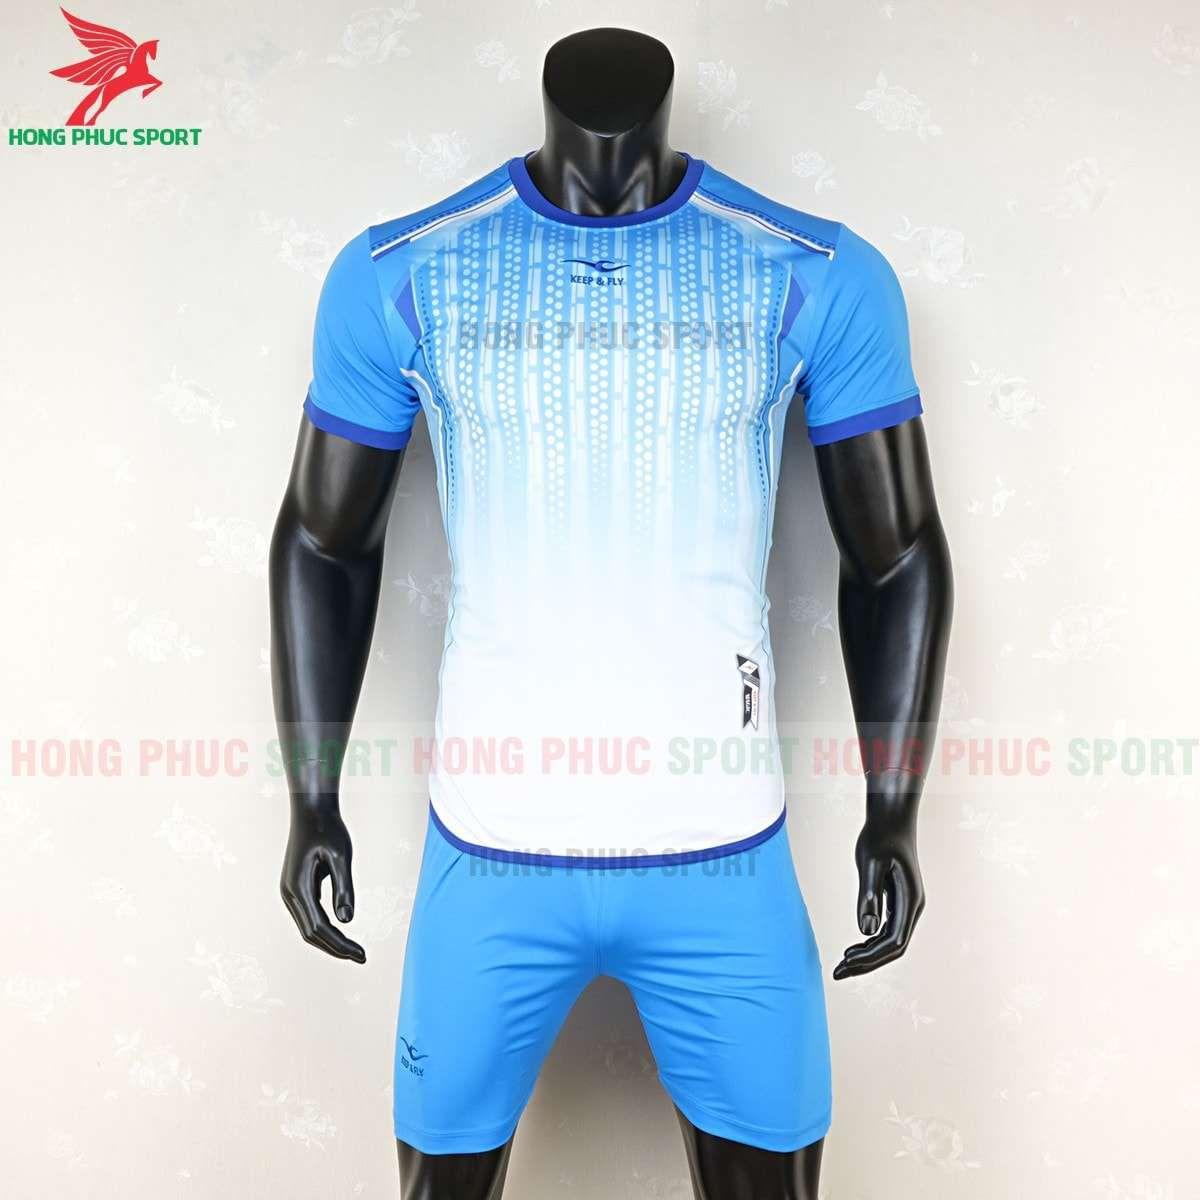 https://cdn.hongphucsport.com/unsafe/cdn.hongphucsport.com/dothethao.net.vn/wp-content/uploads/2020/03/ao-bong-da-khong-logo-keep-fly-magic-xanh-ngoc-5.jpg